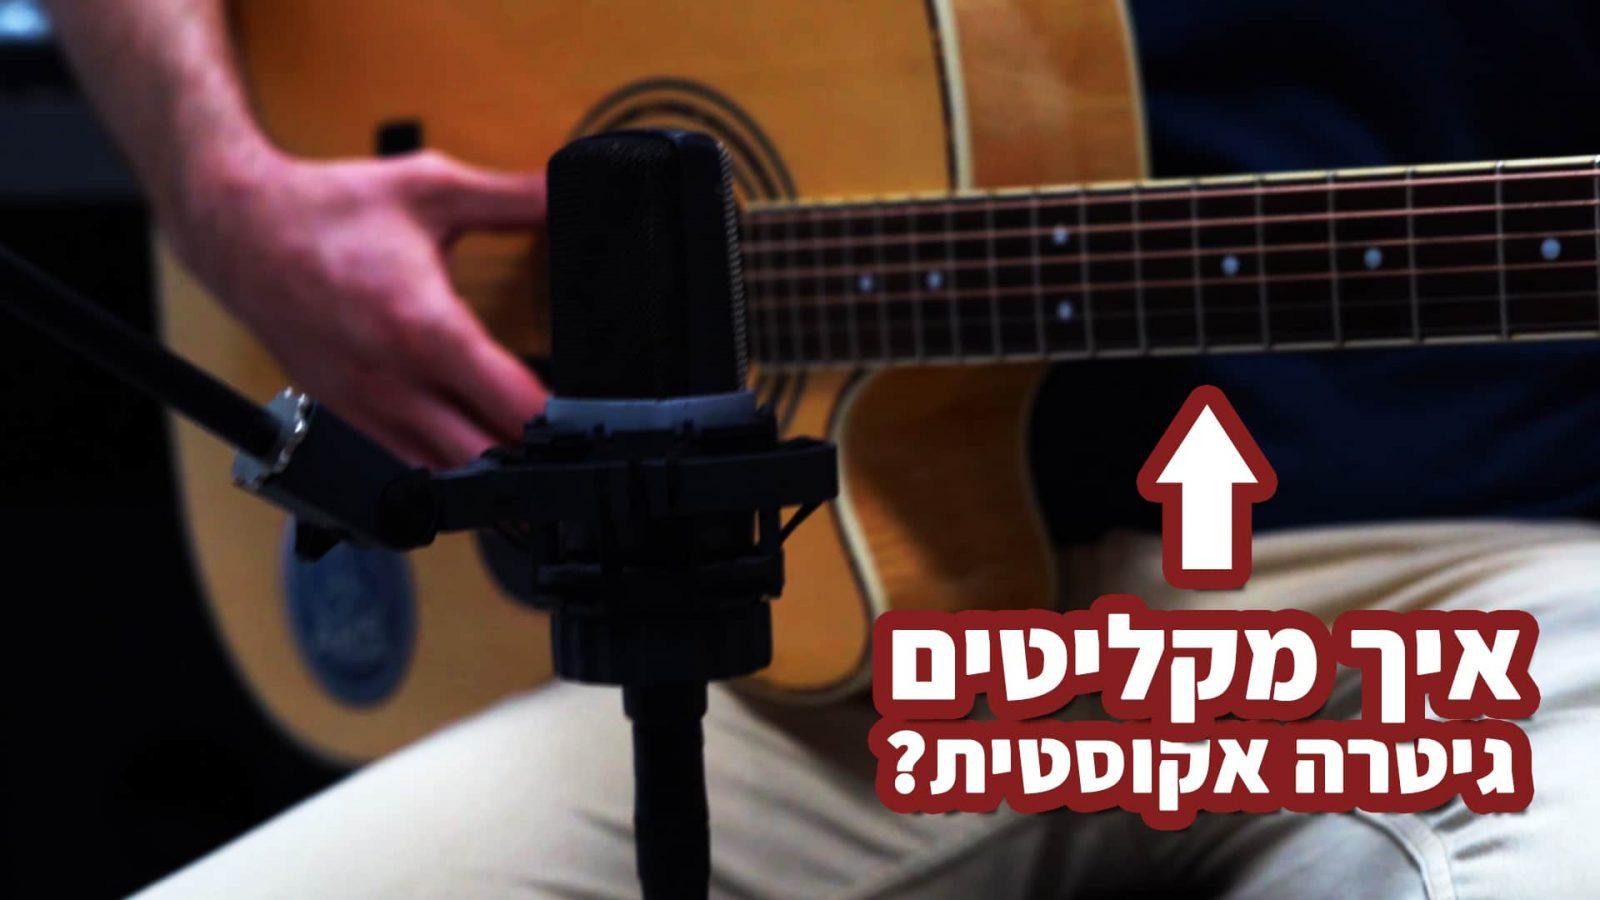 איך להקליט גיטרה אקוסטית